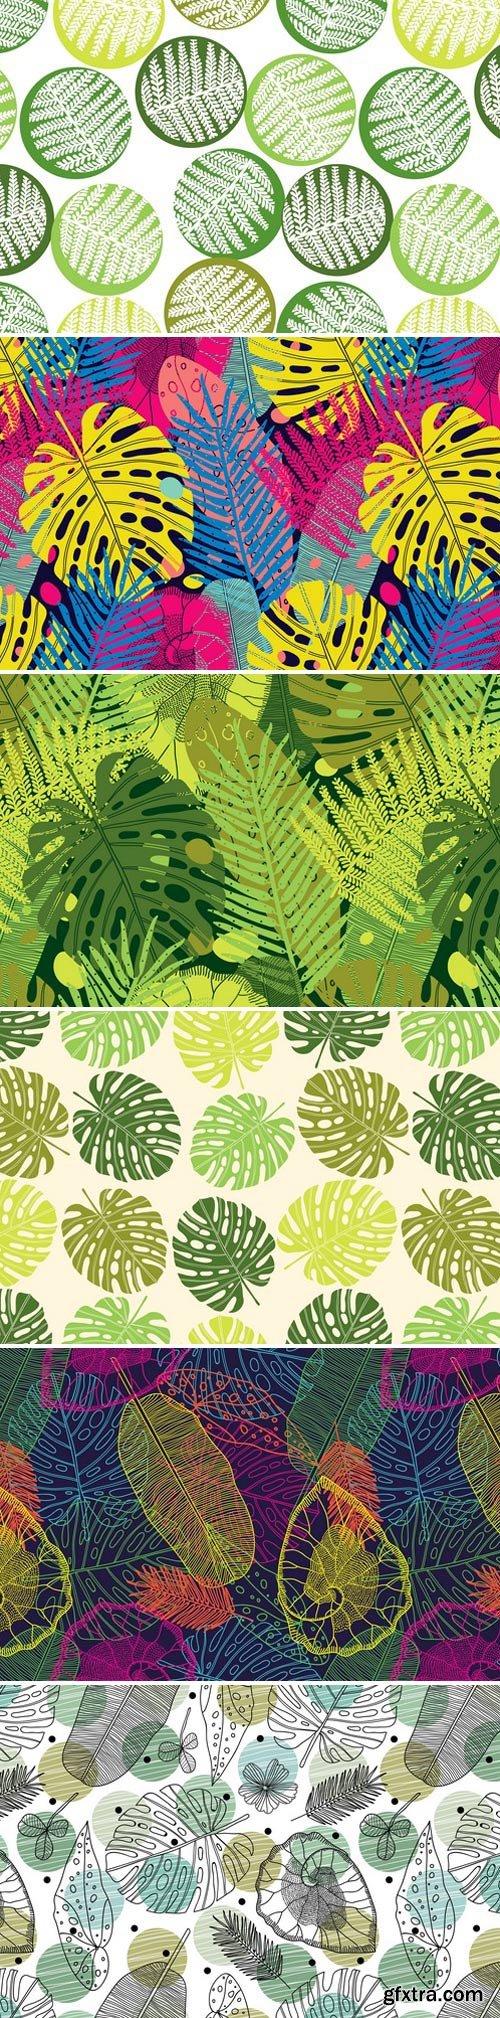 CM - Exotic leaf. Summer mood 1546116